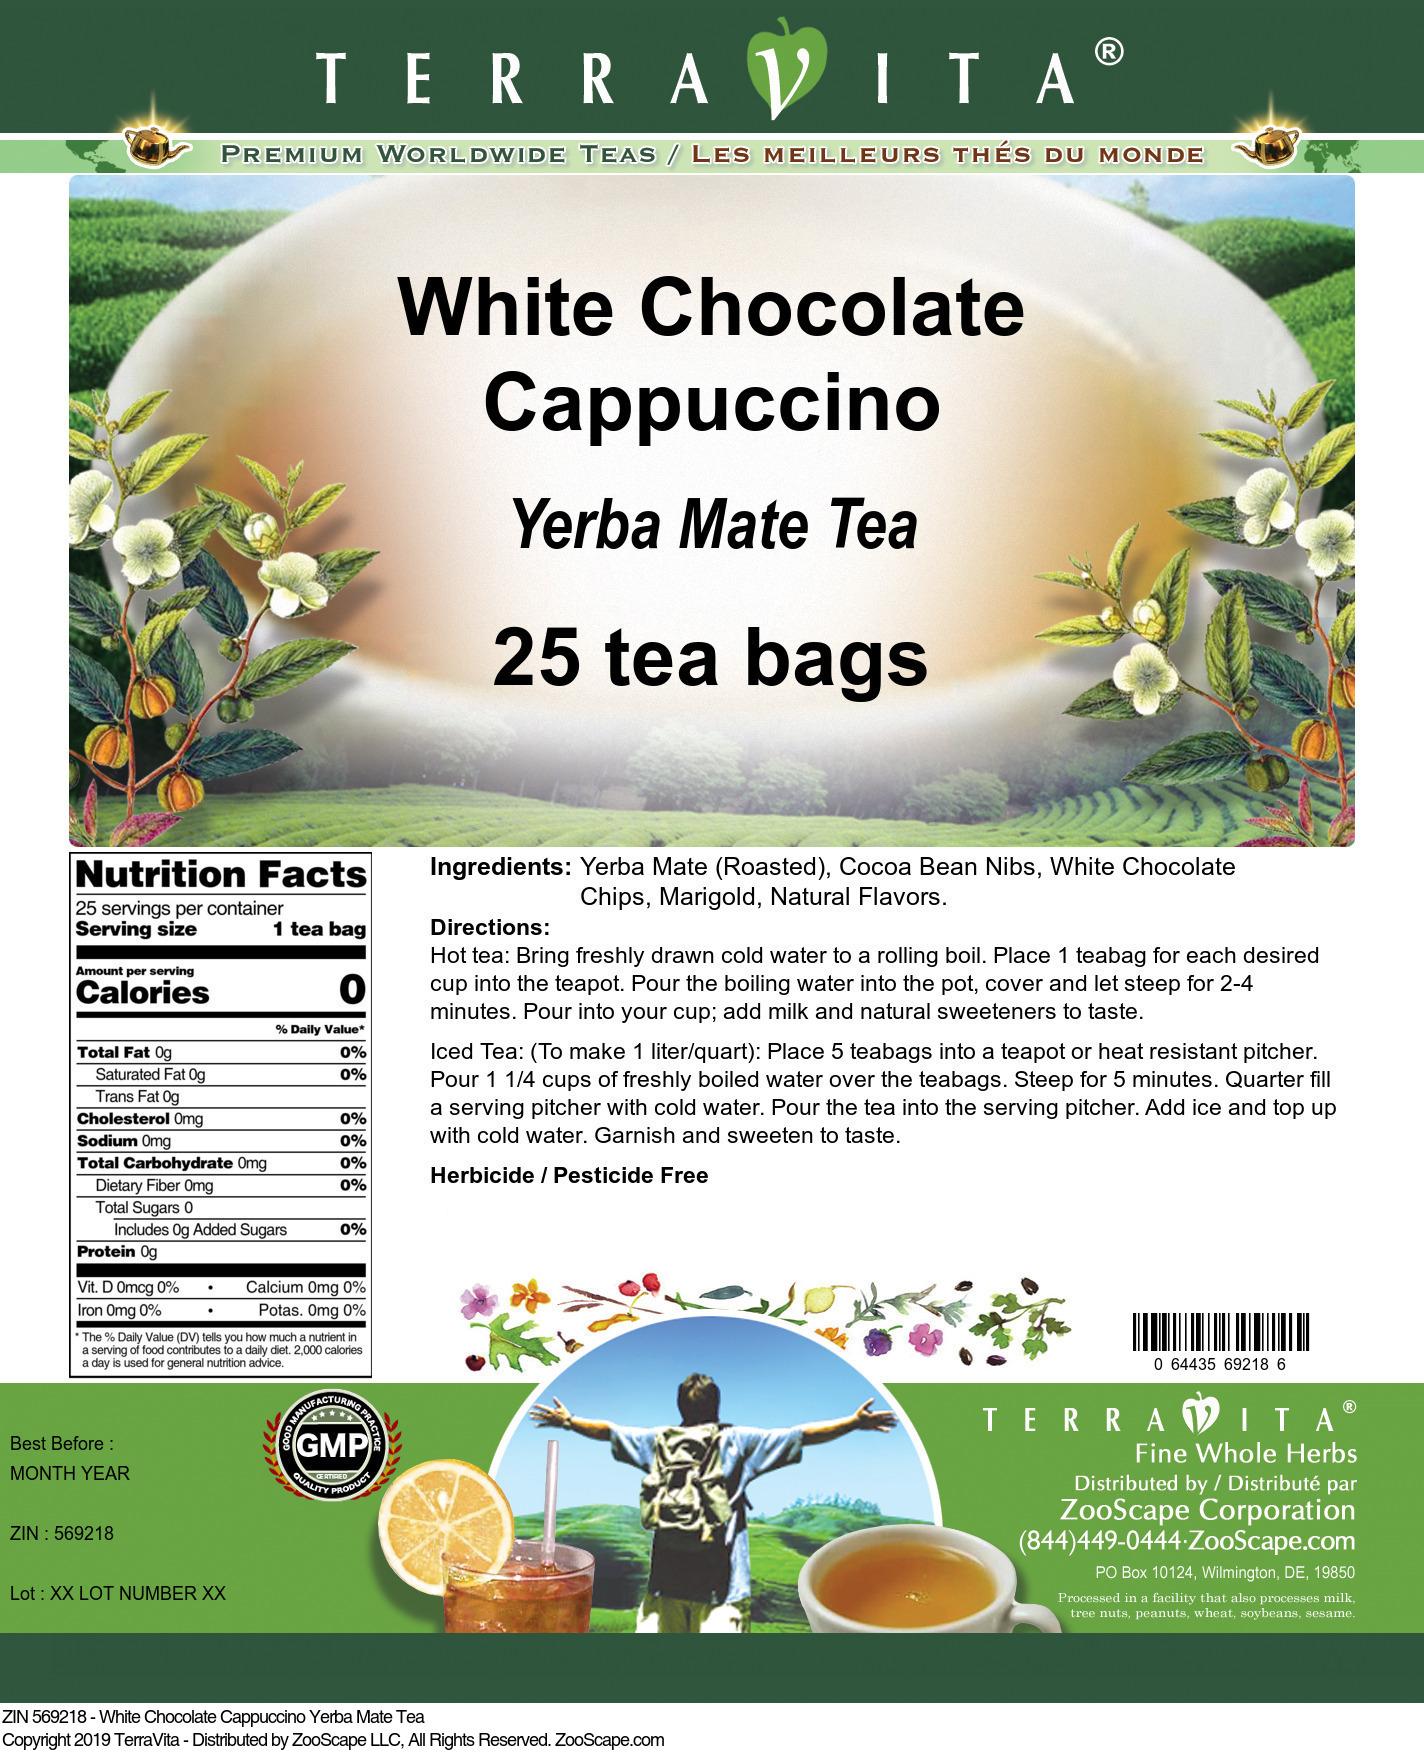 White Chocolate Cappuccino Yerba Mate Tea